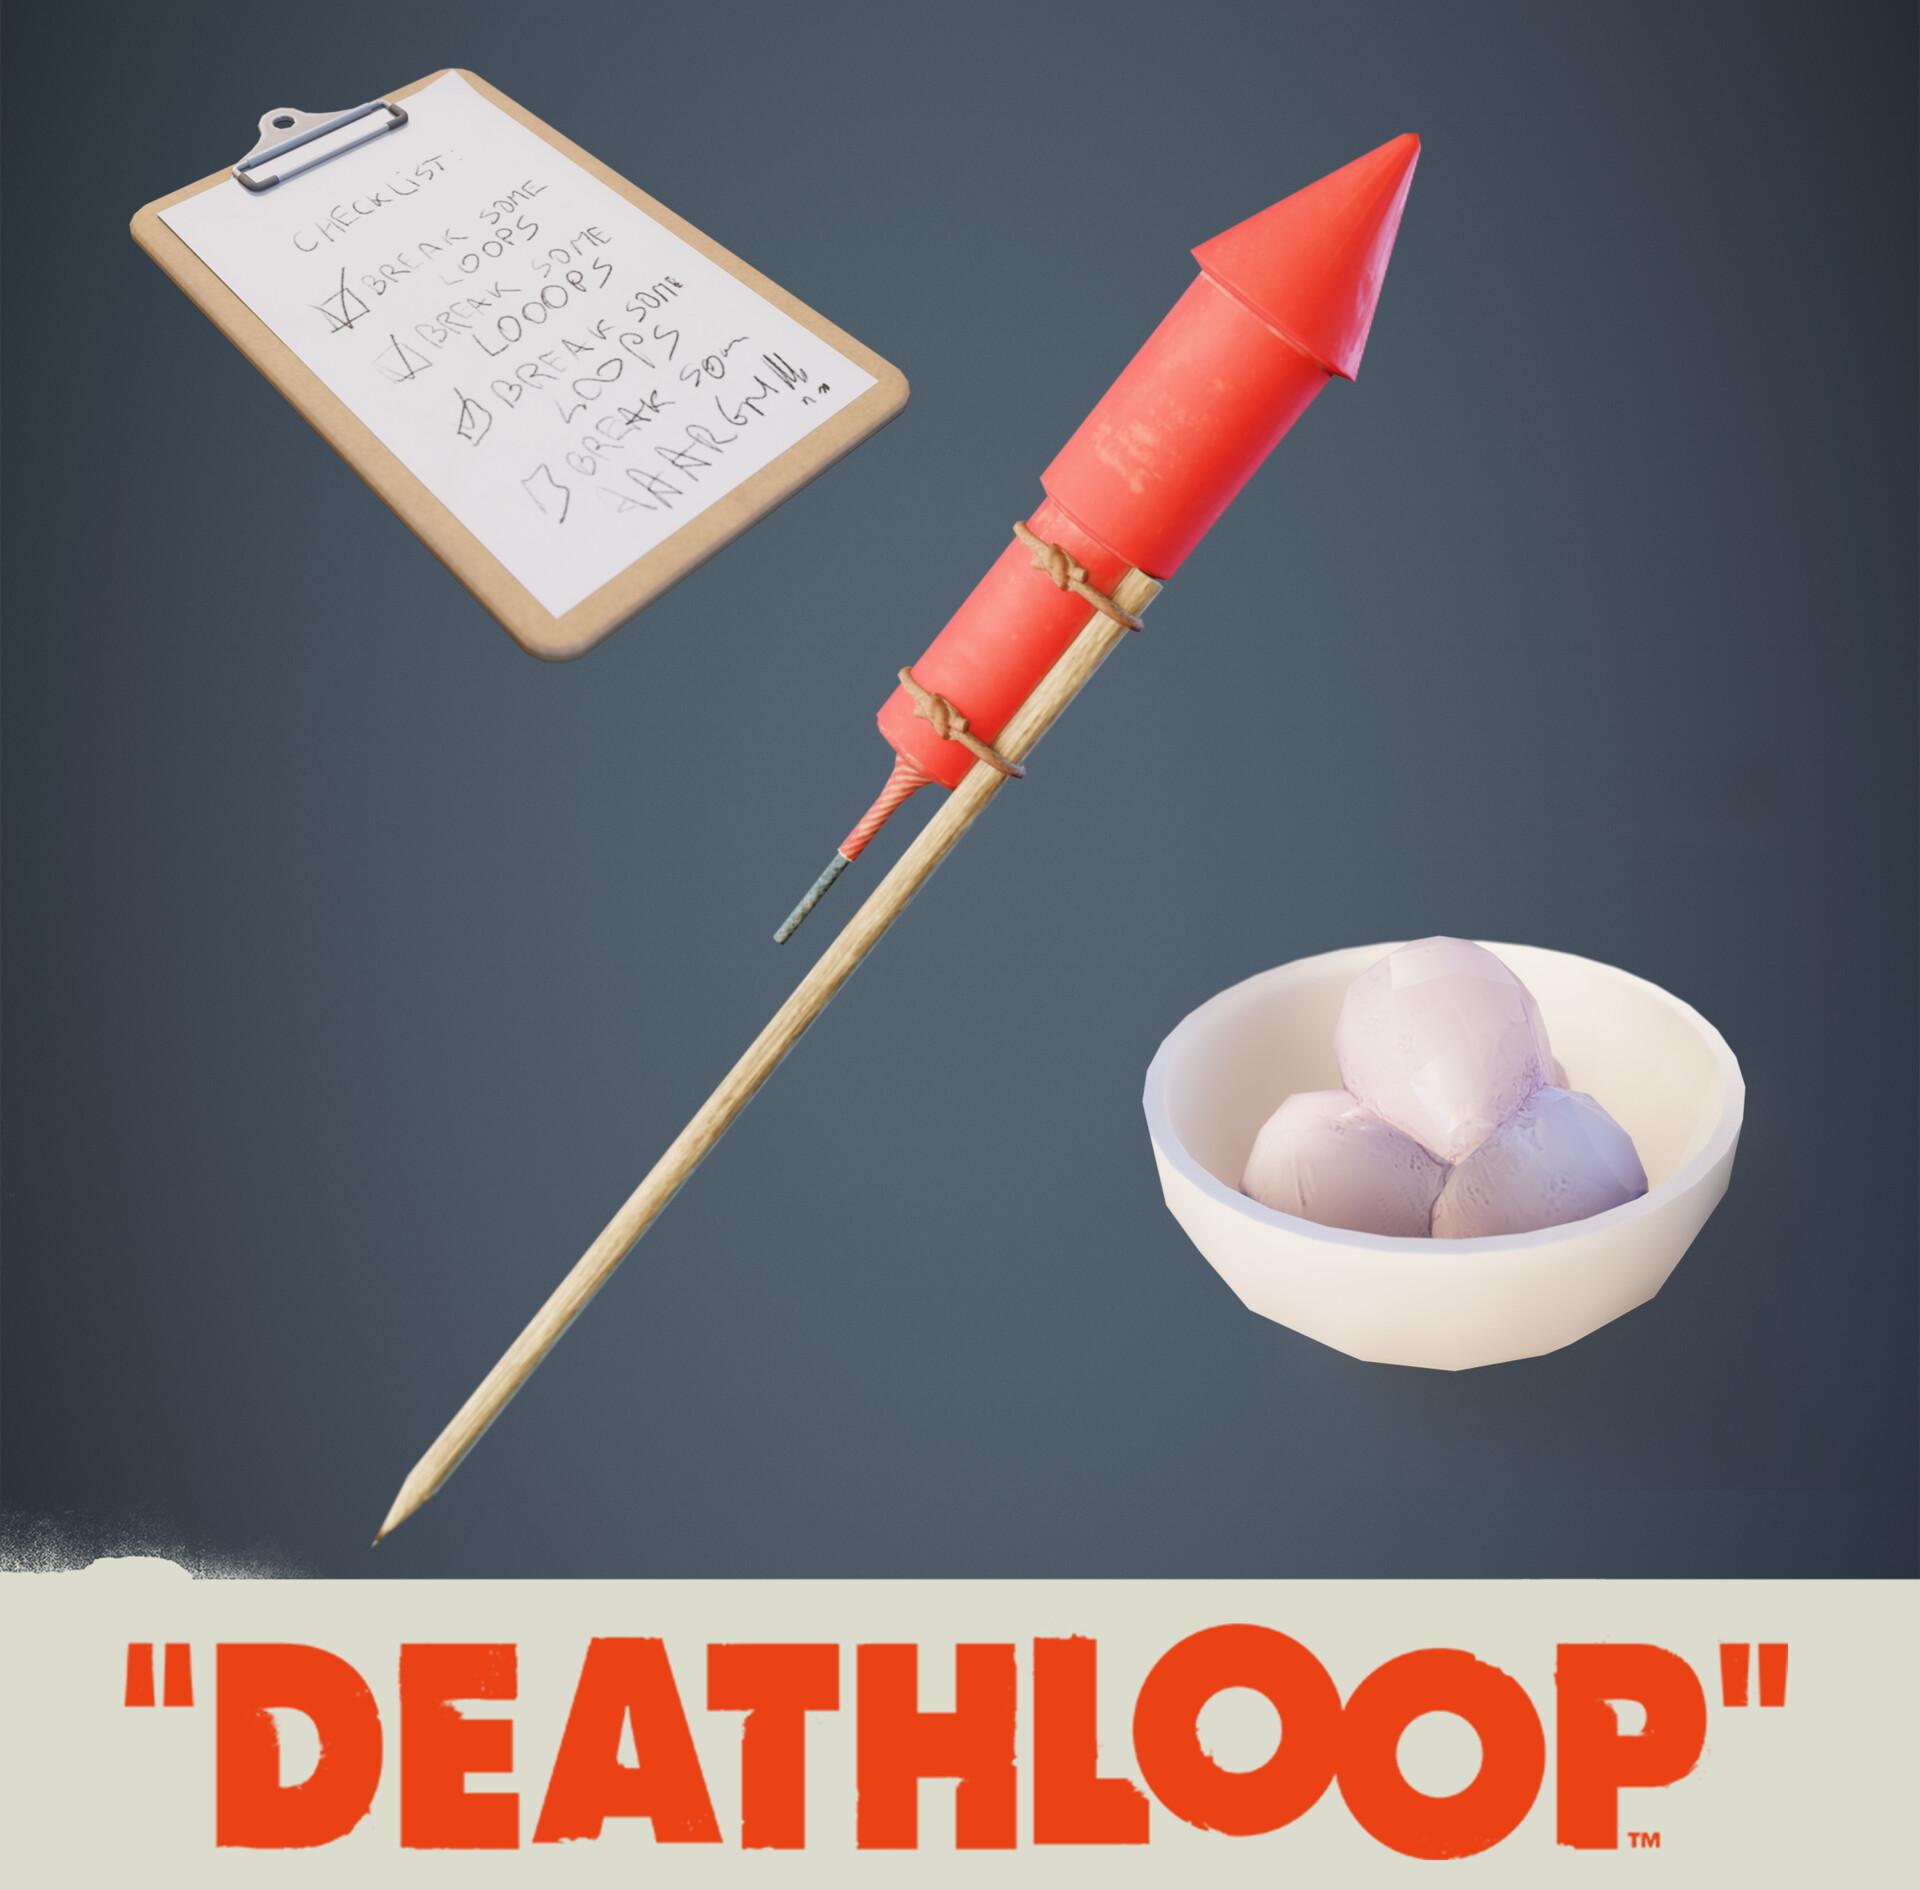 Various Deathloop Props